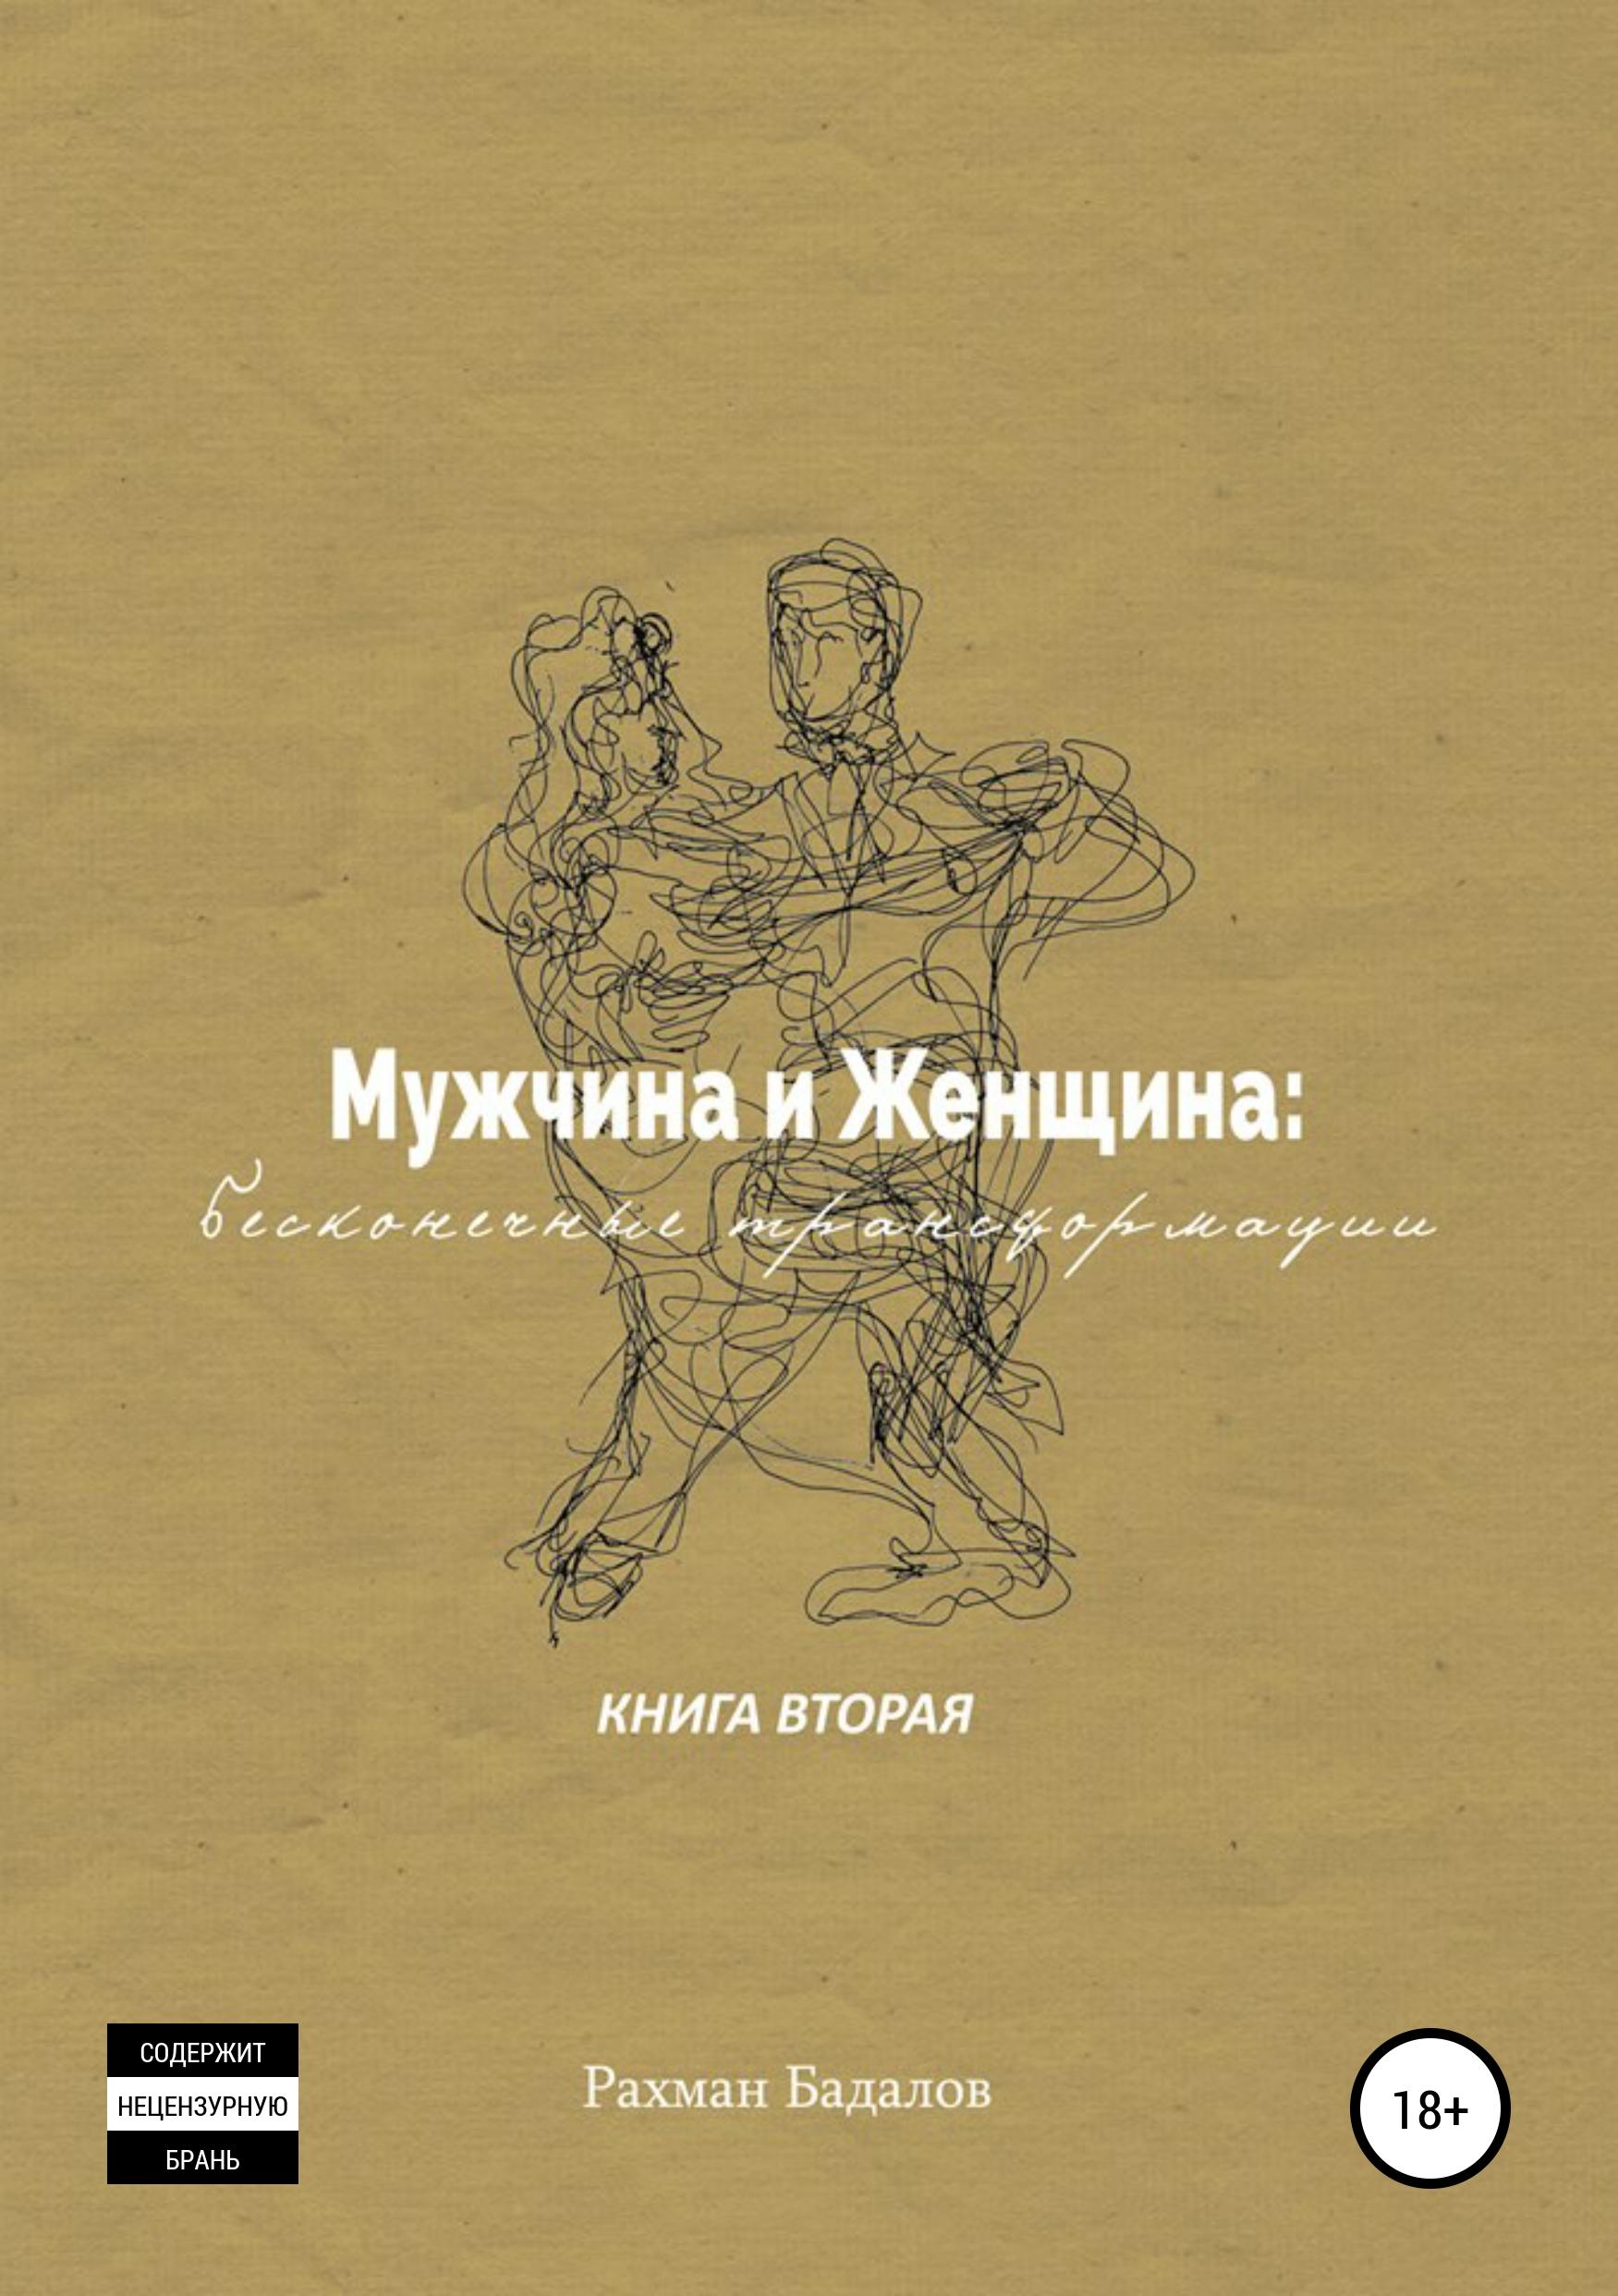 Рахман Бадалов Мужчина и женщина: бесконечные трансформации. Книга вторая гедда габлер 2019 01 26t19 00